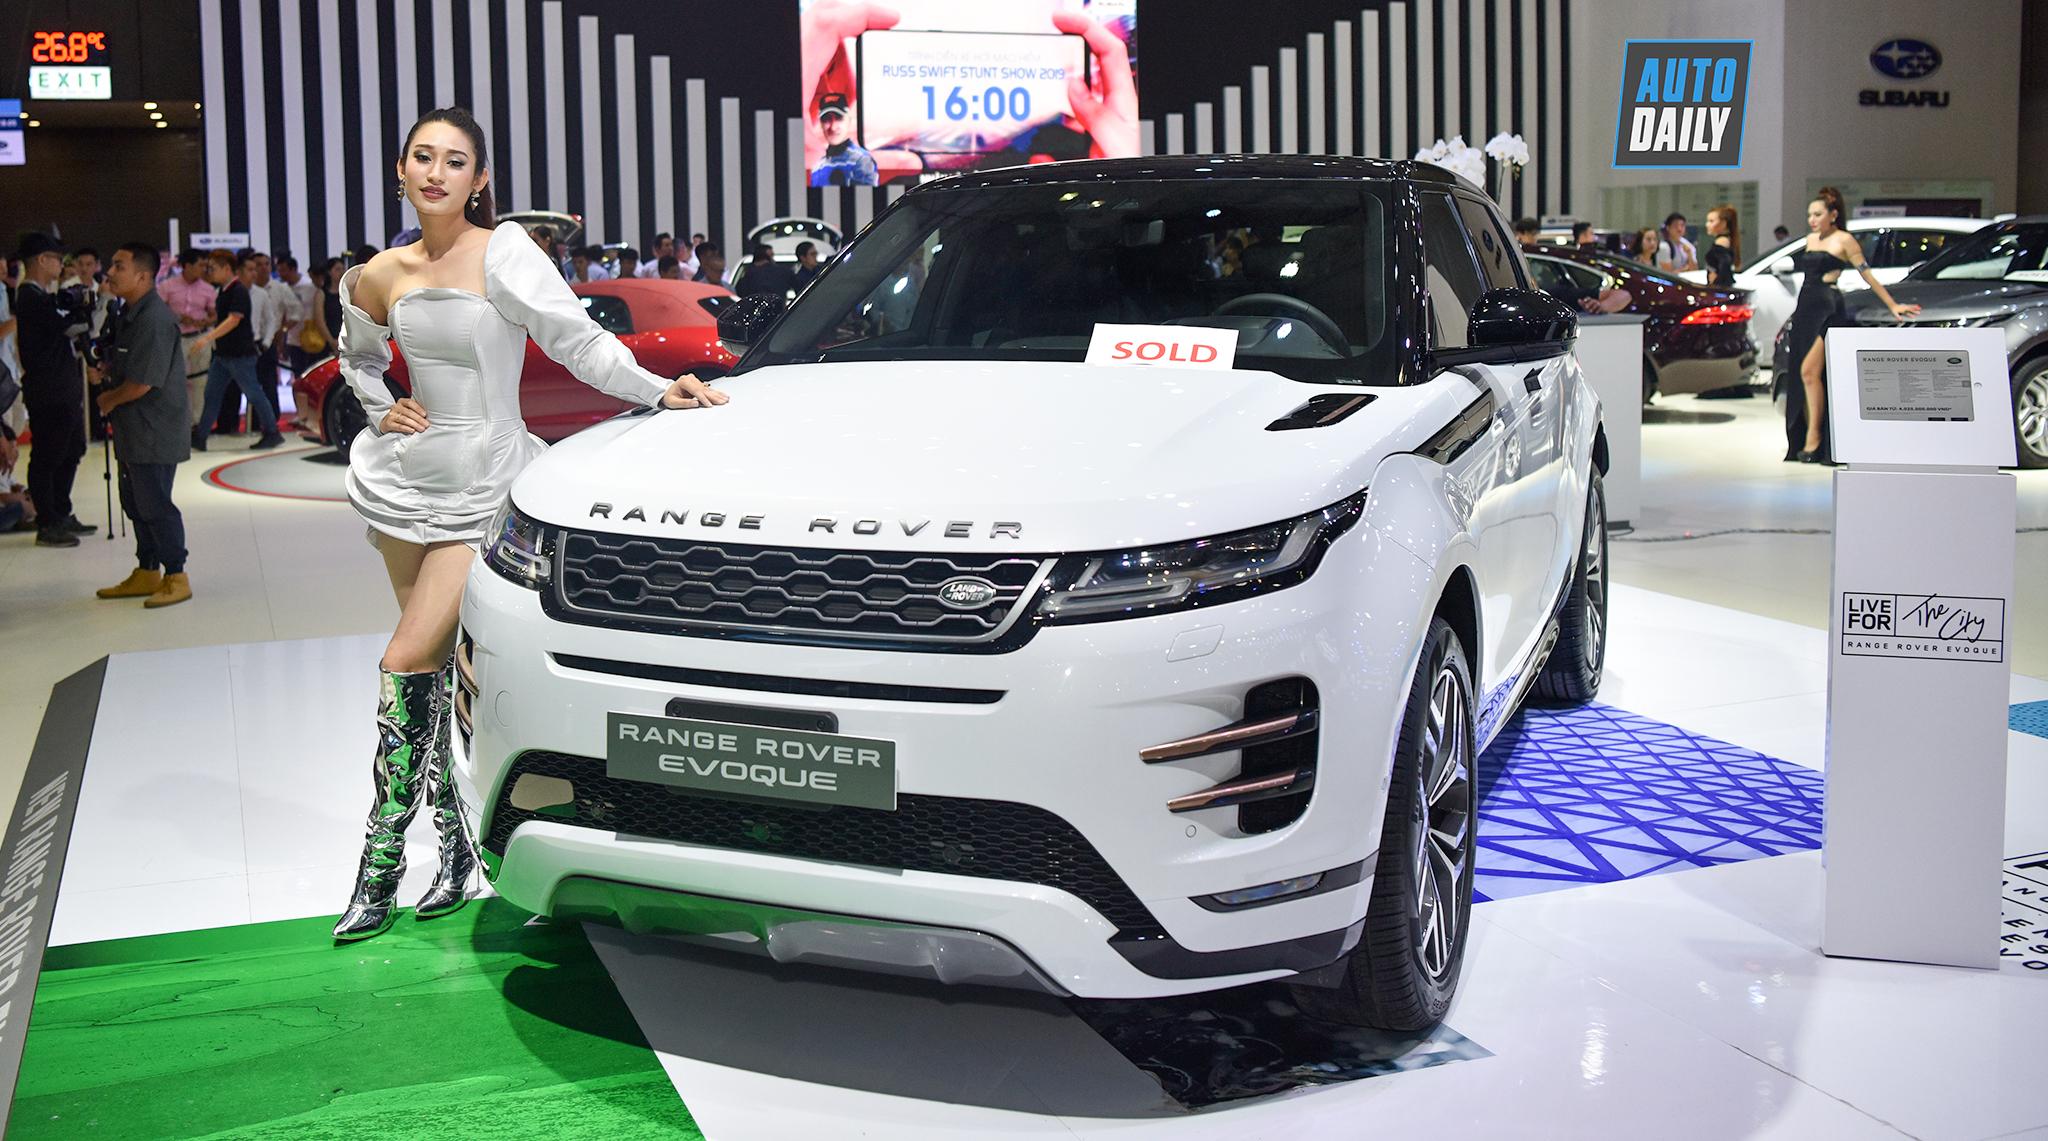 Range Rover Evoque mới ra mắt tại Việt Nam, giá từ 3,53 tỷ đồng